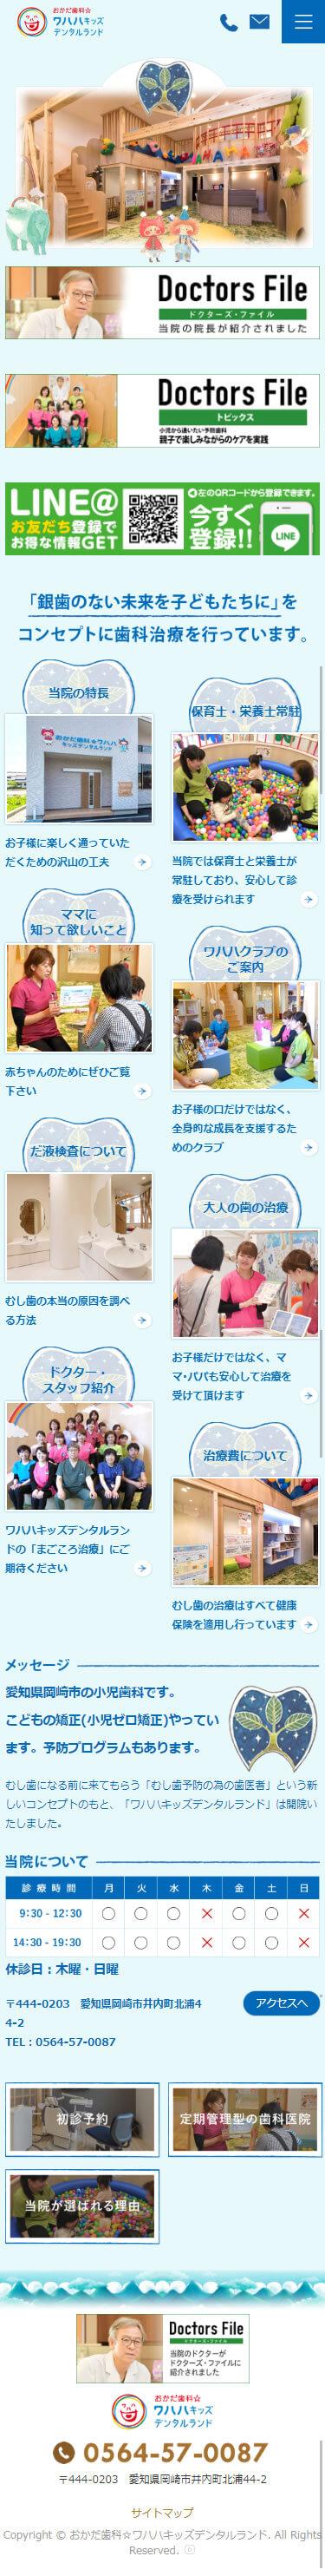 愛知県 おかだ歯科☆ワハハキッズデンタルランド様 ホームページ制作3